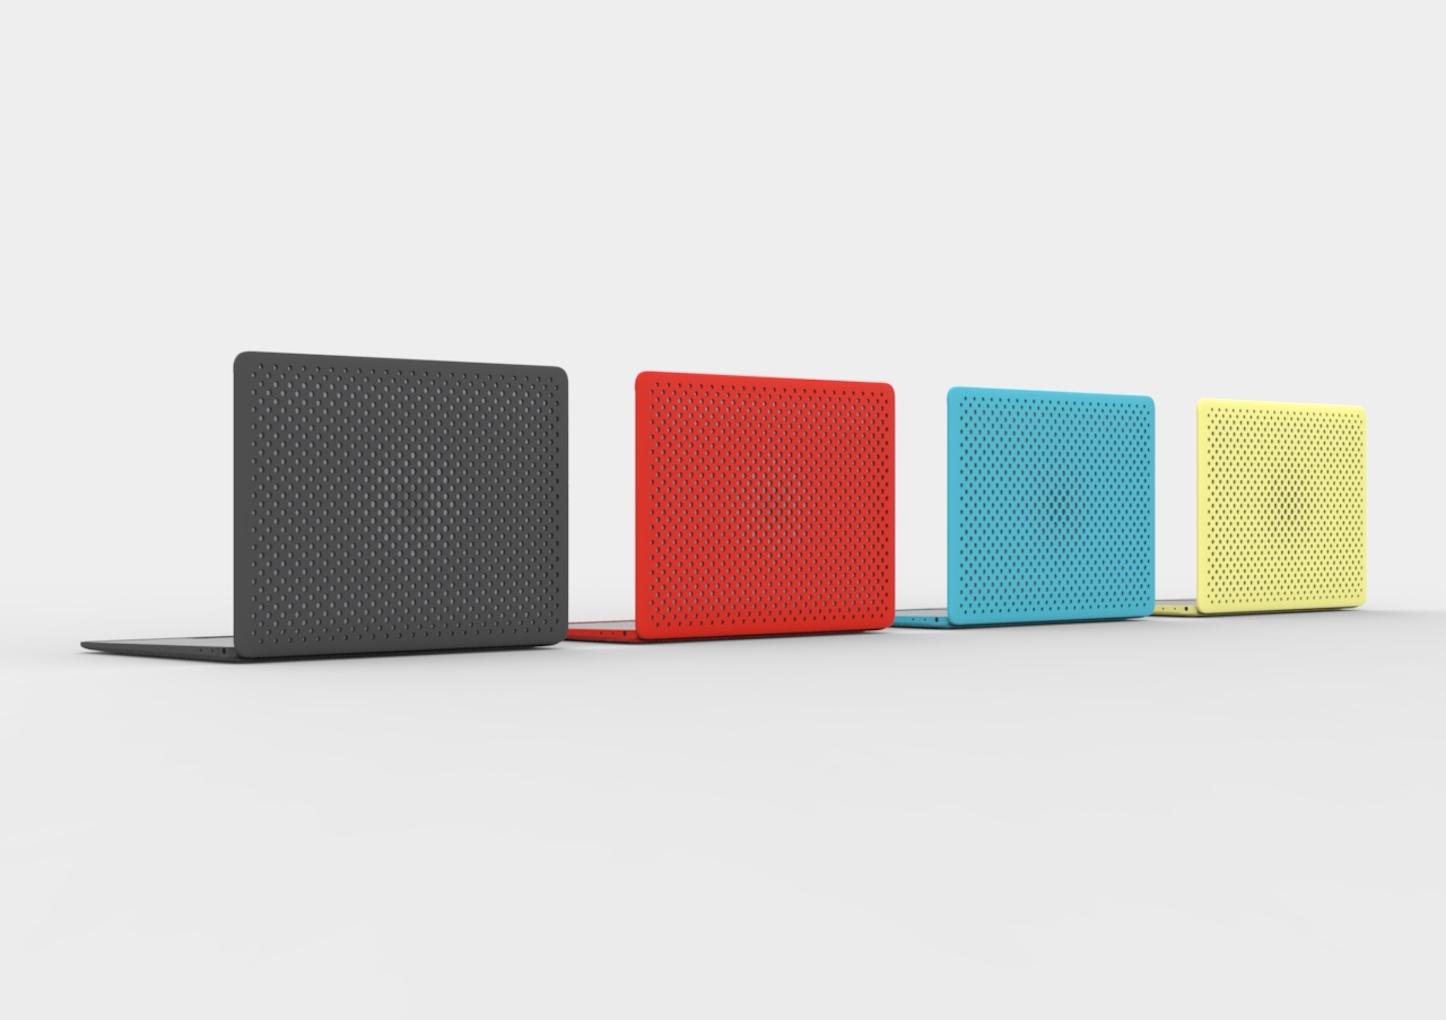 AndMesh for MacBook 12